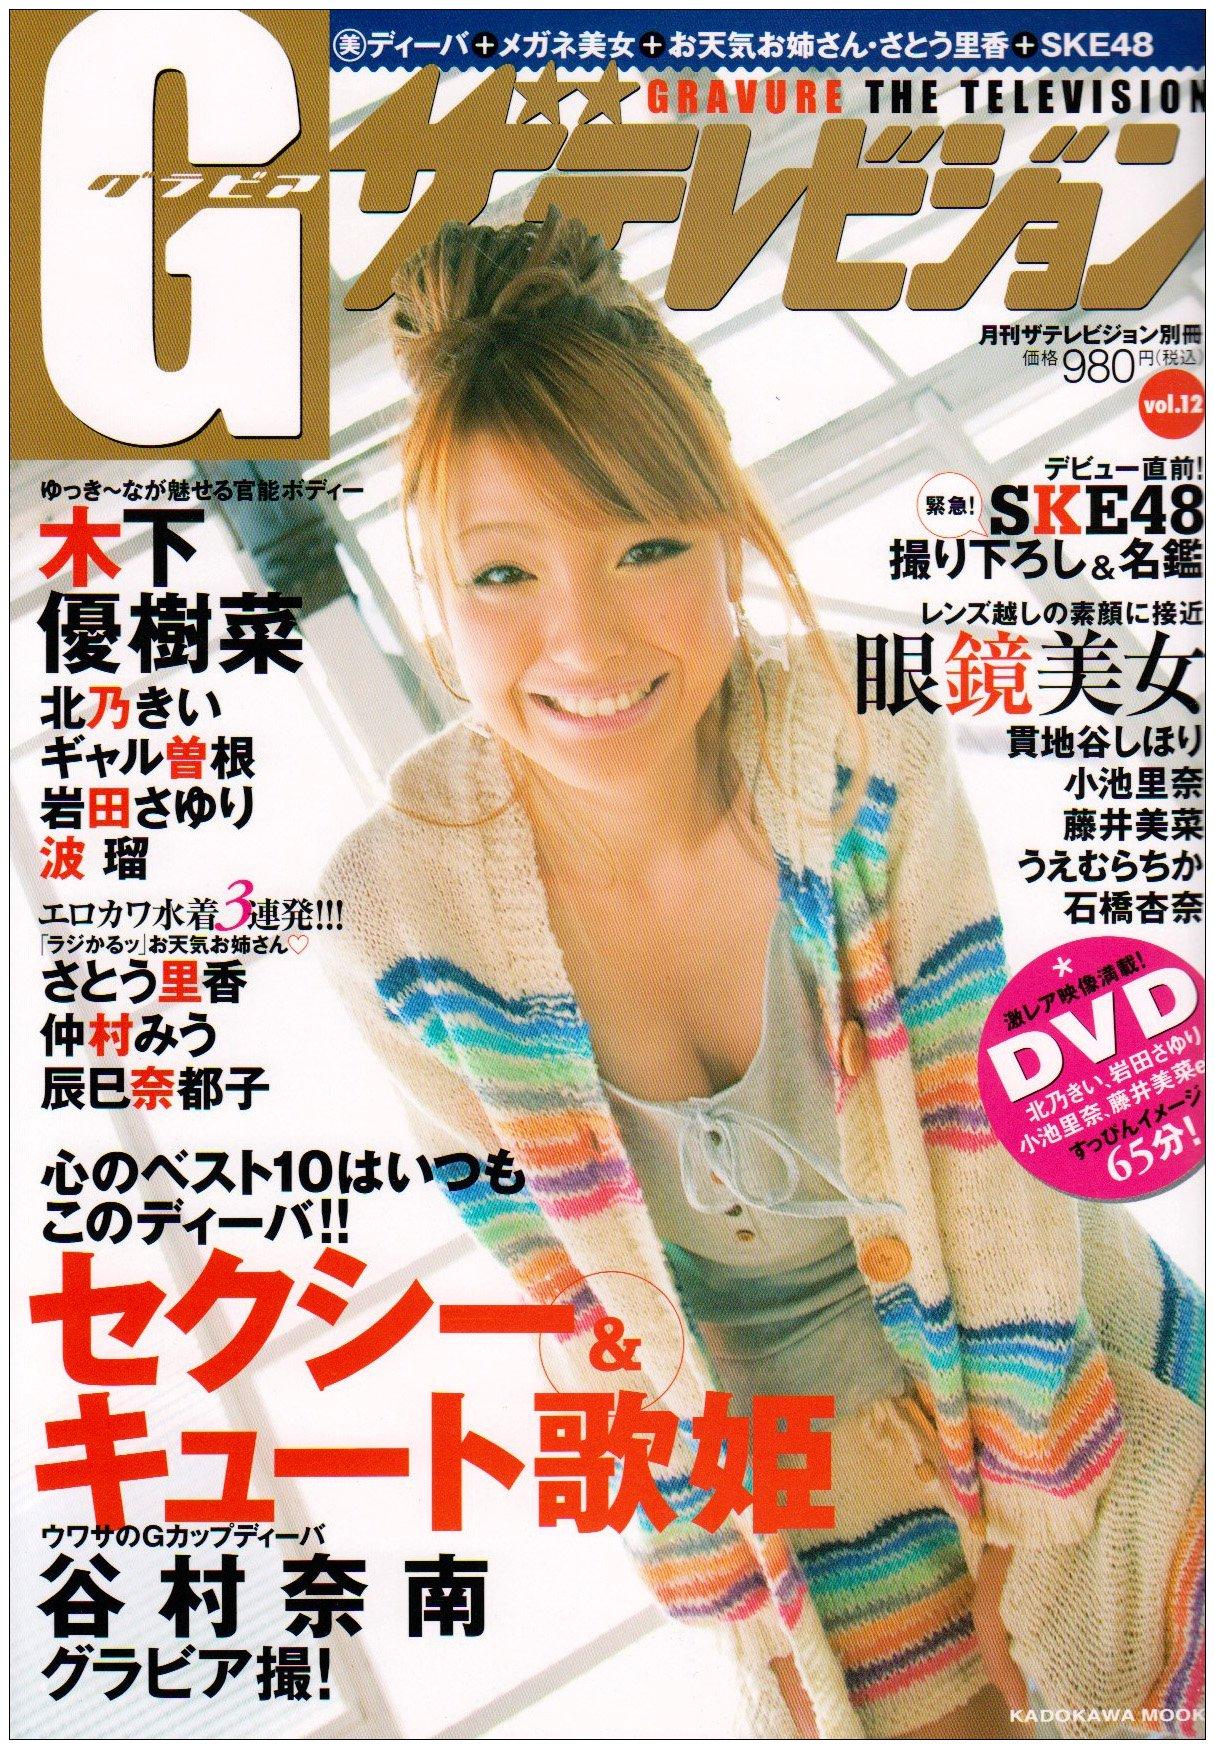 G(グラビア)ザテレビジョン Vol.12 (カドカワムック 284 月刊ザテレビ ...